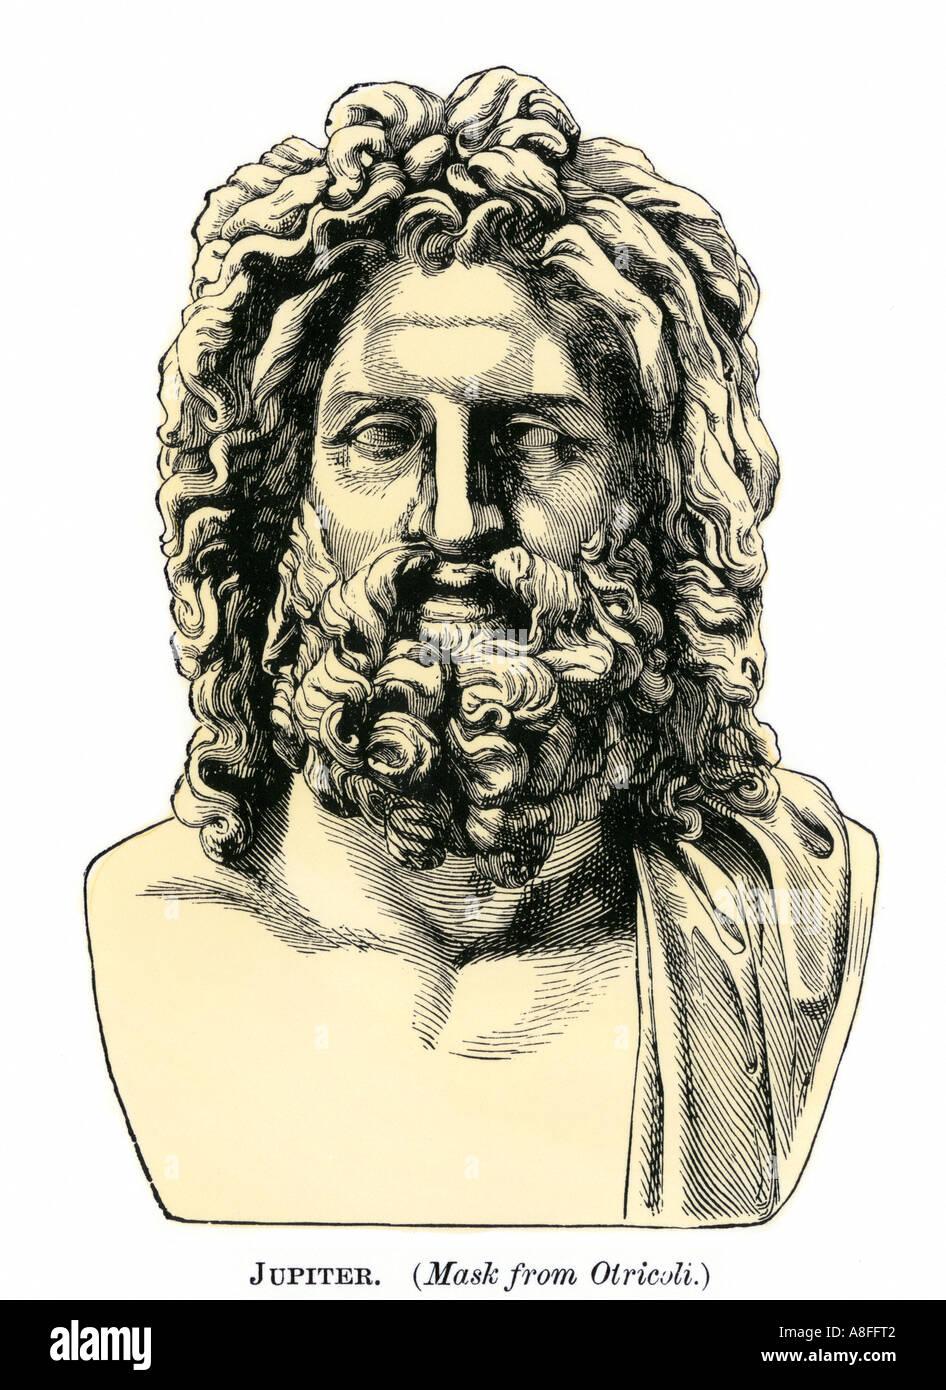 Jupiter romain ou Zeus dans la mythologie grecque, dieu du ciel classique et de lois. À la main, gravure sur bois Photo Stock